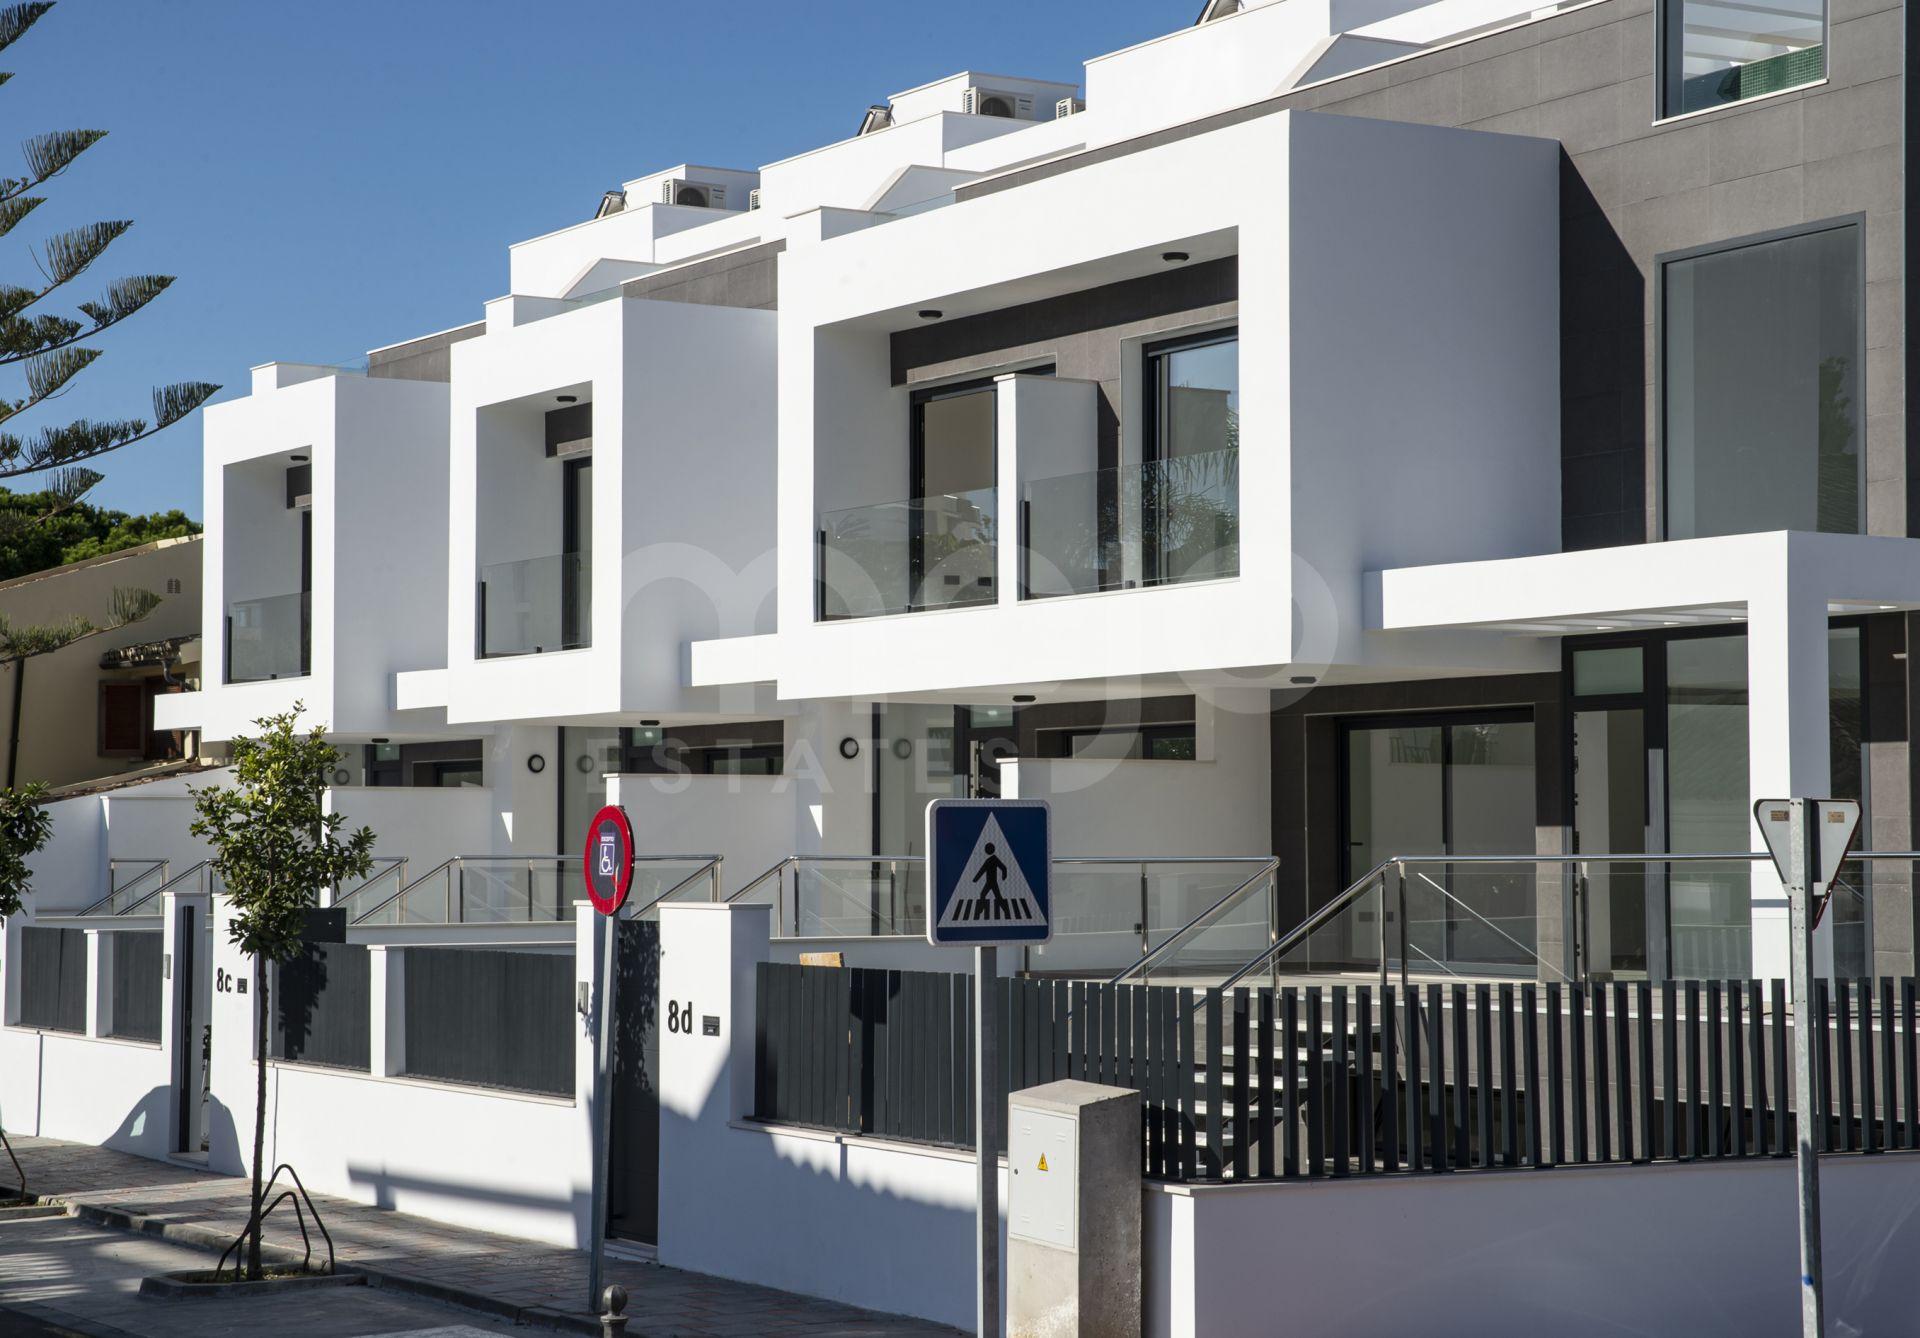 Adelfas Garden est une promotion de 4 maisons unifamiliales uniques dans le centre de Fuengirola à côté de la plage.